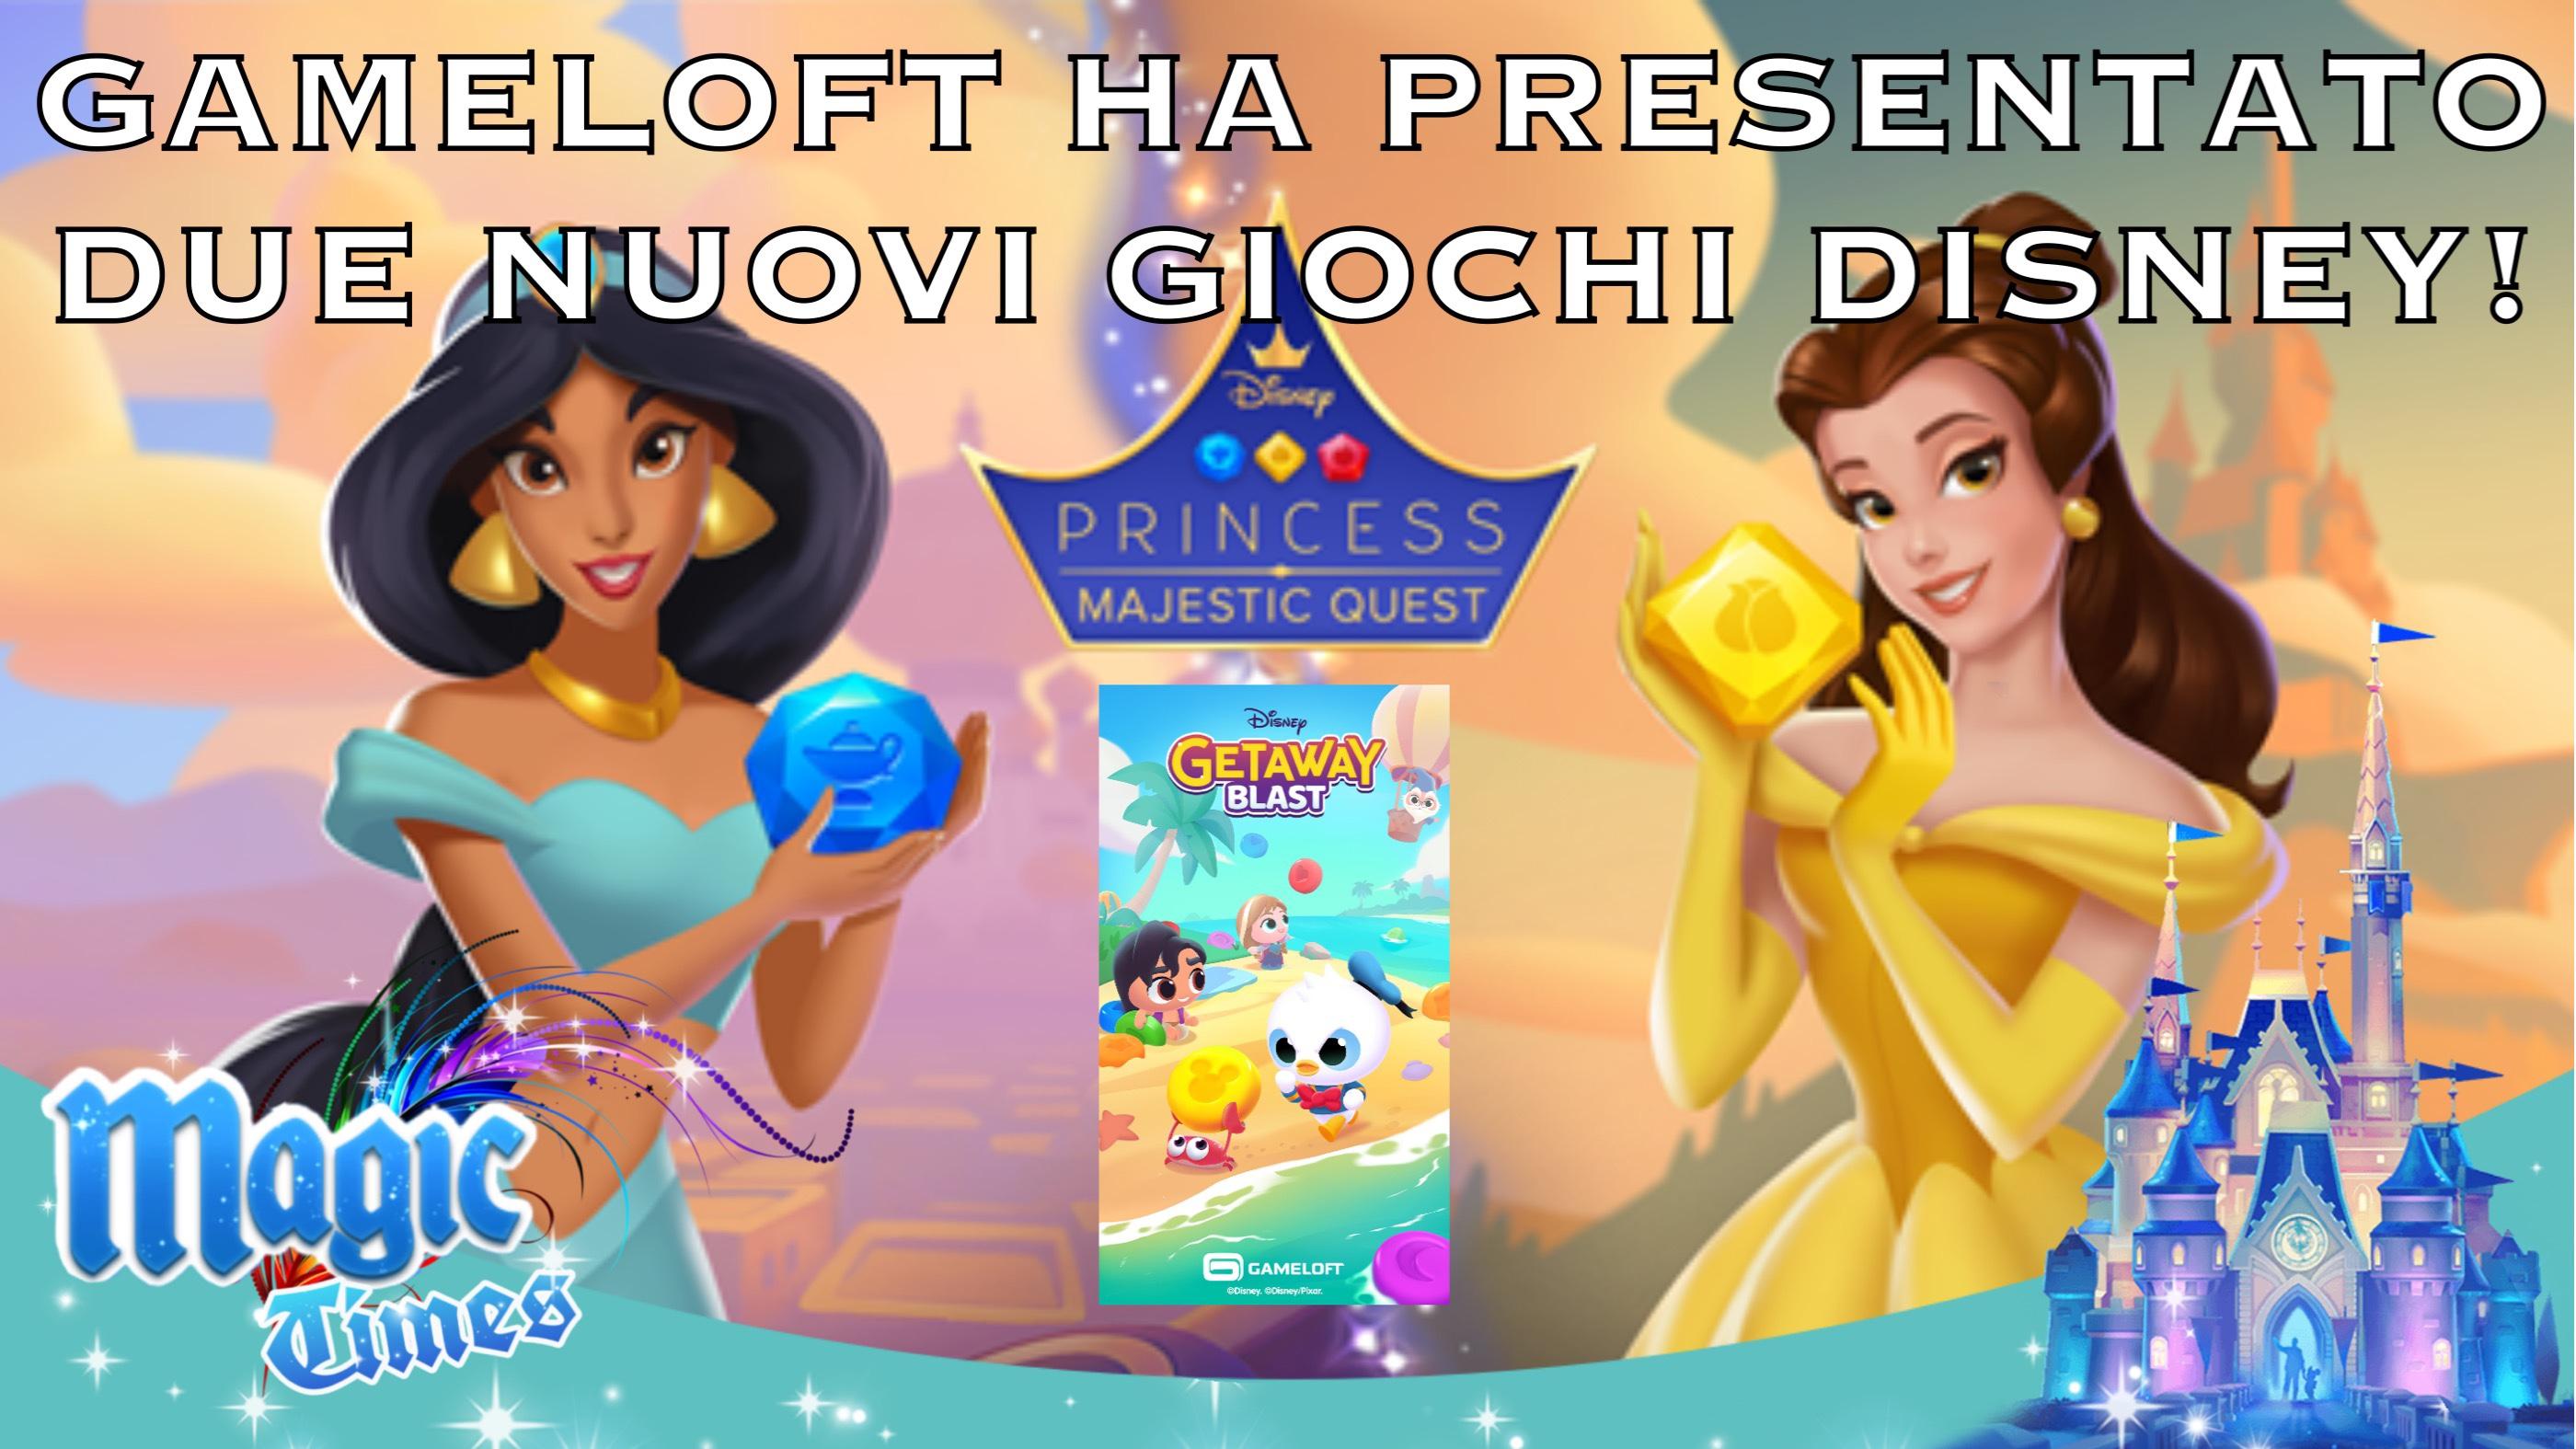 Gameloft ha presentato due nuovi giochi Disney!